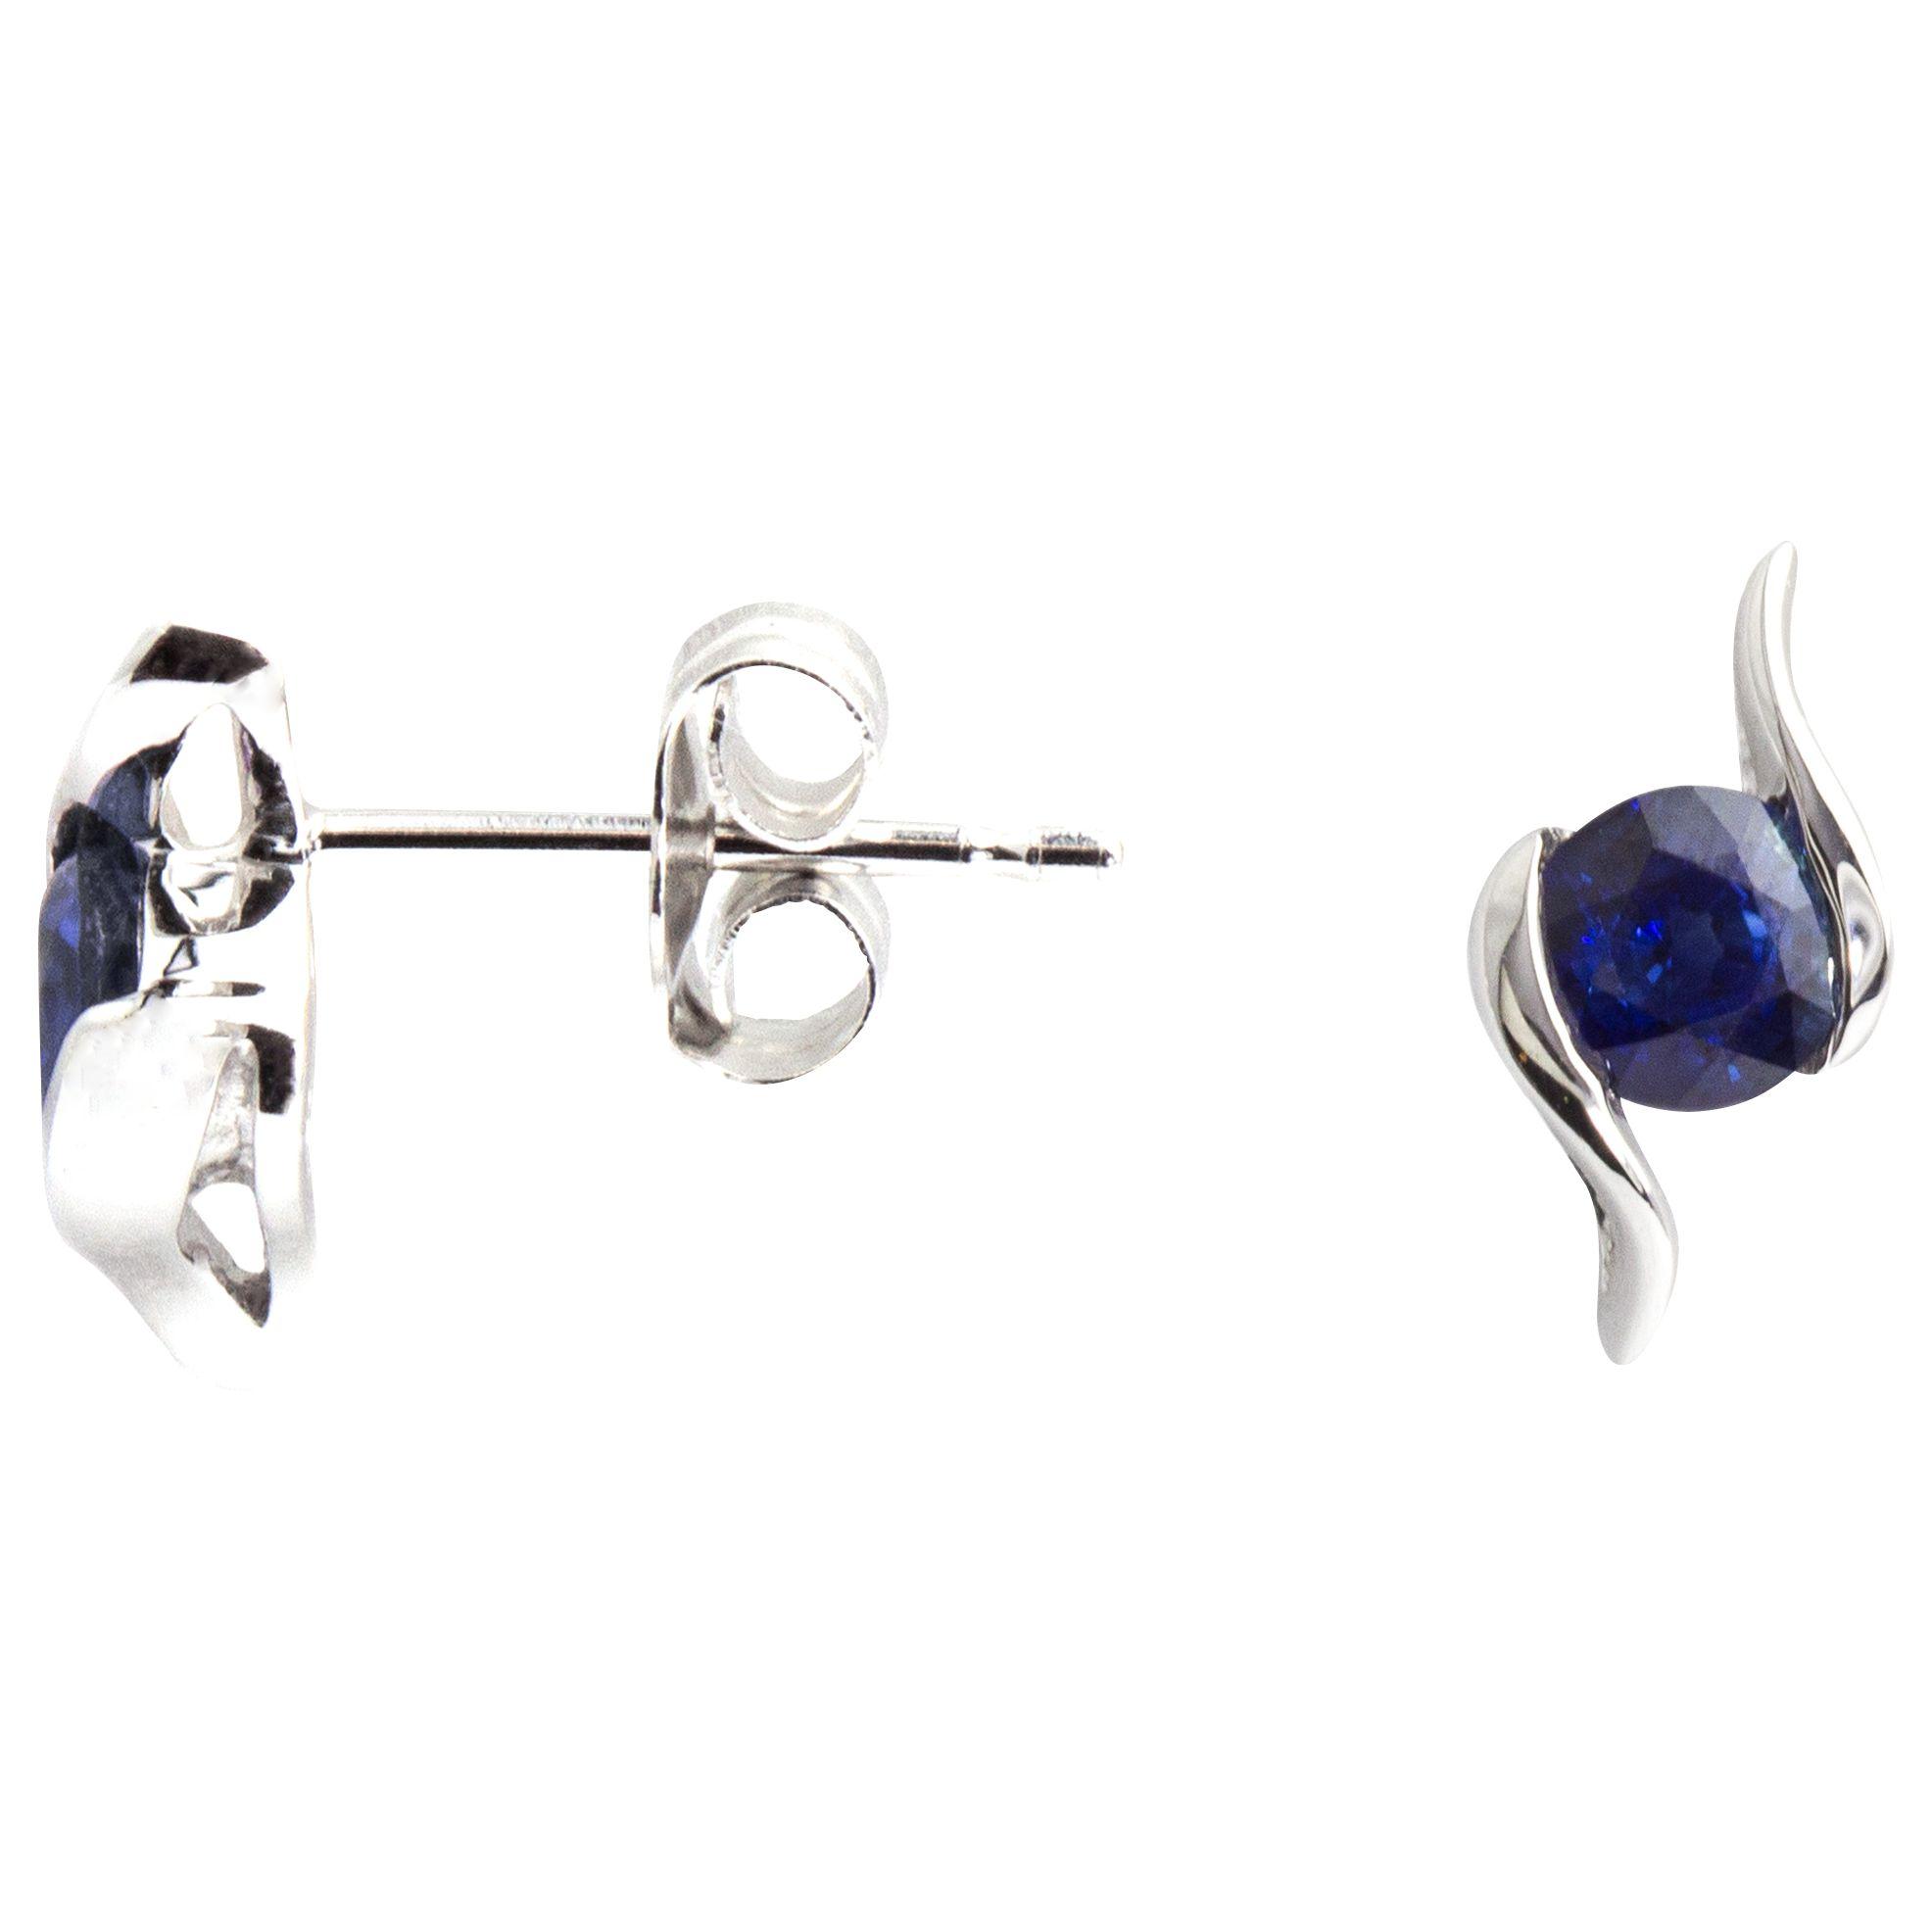 A B Davis A B Davis 9ct White Gold Sapphire Propeller Stud Earrings